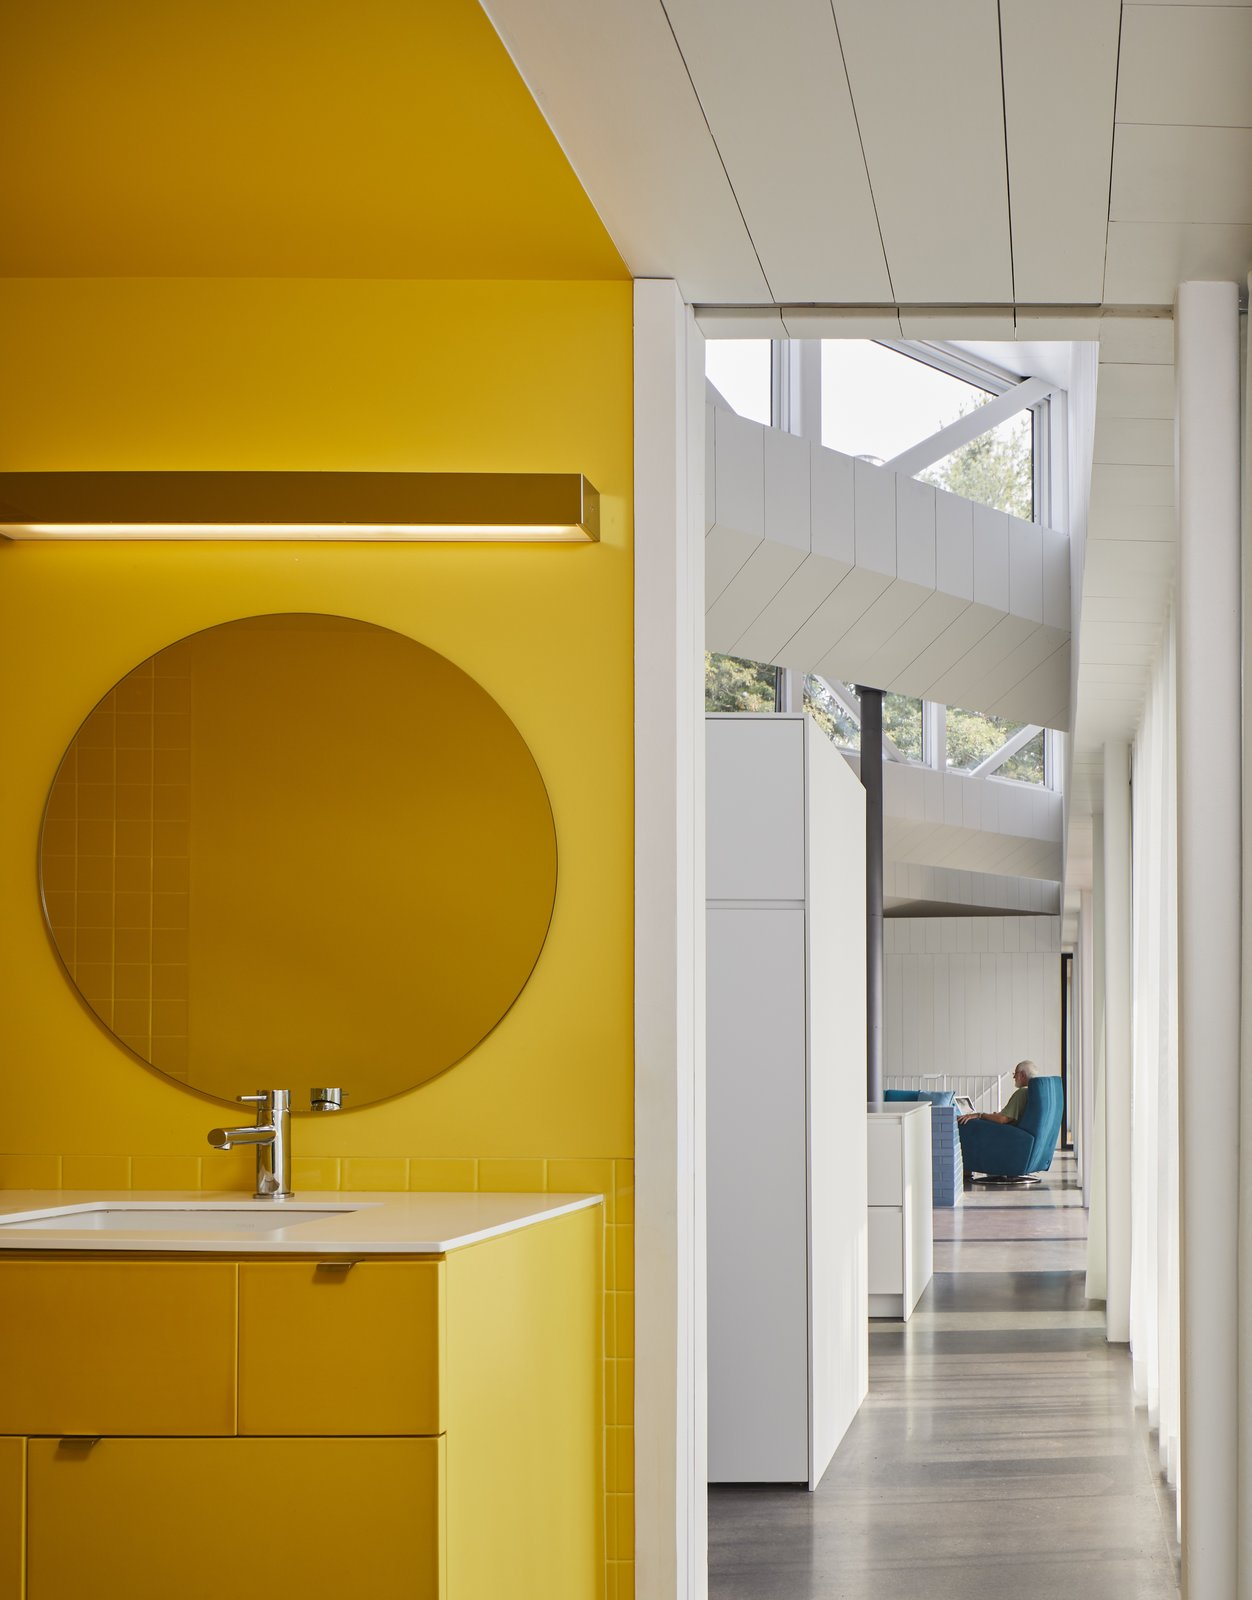 A cheerful yellow bathroom.